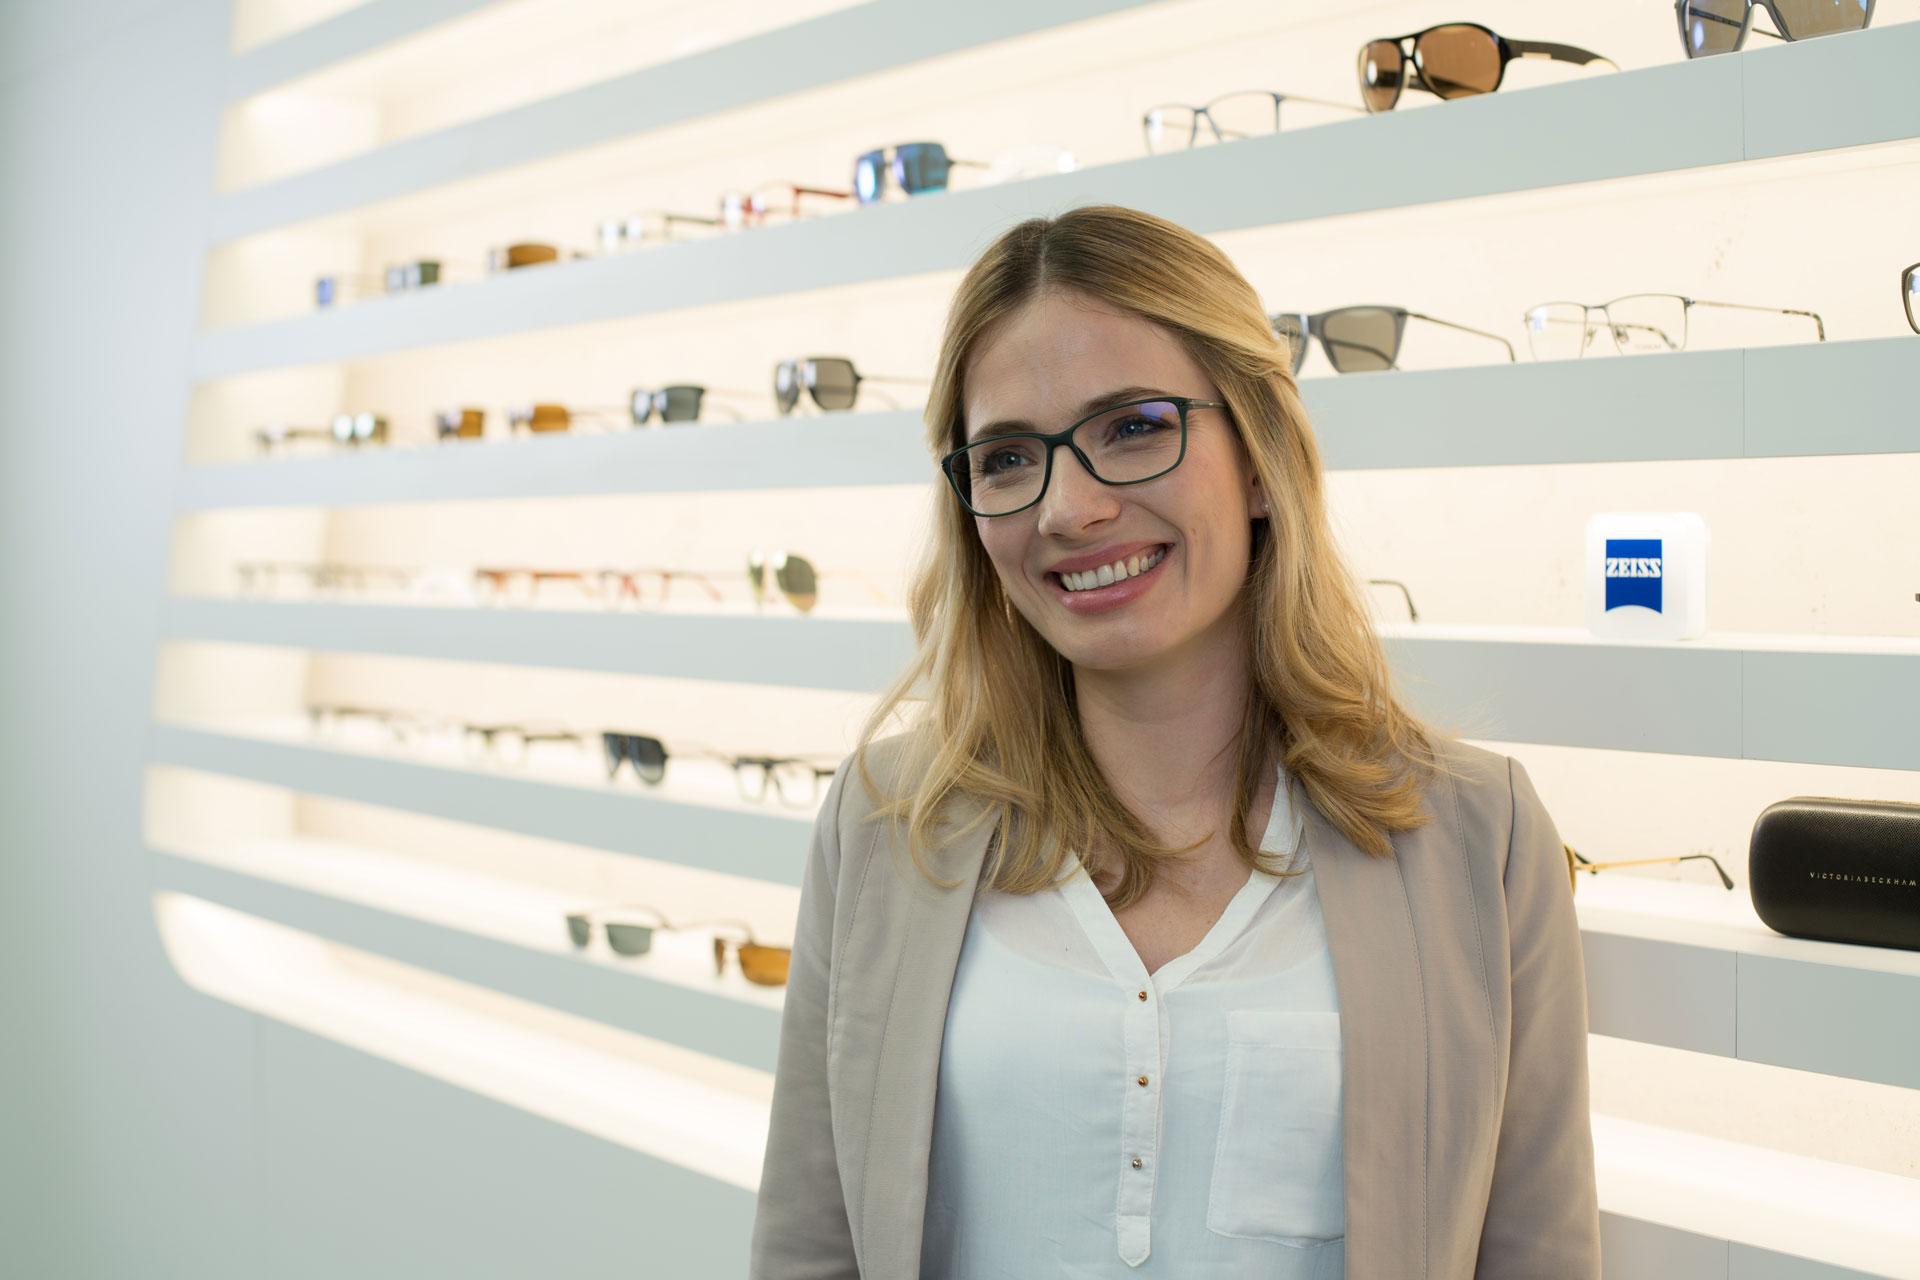 Conseils pour acheter vos lunettes  comment trouver les mieux adaptées 7ec4c2462db5